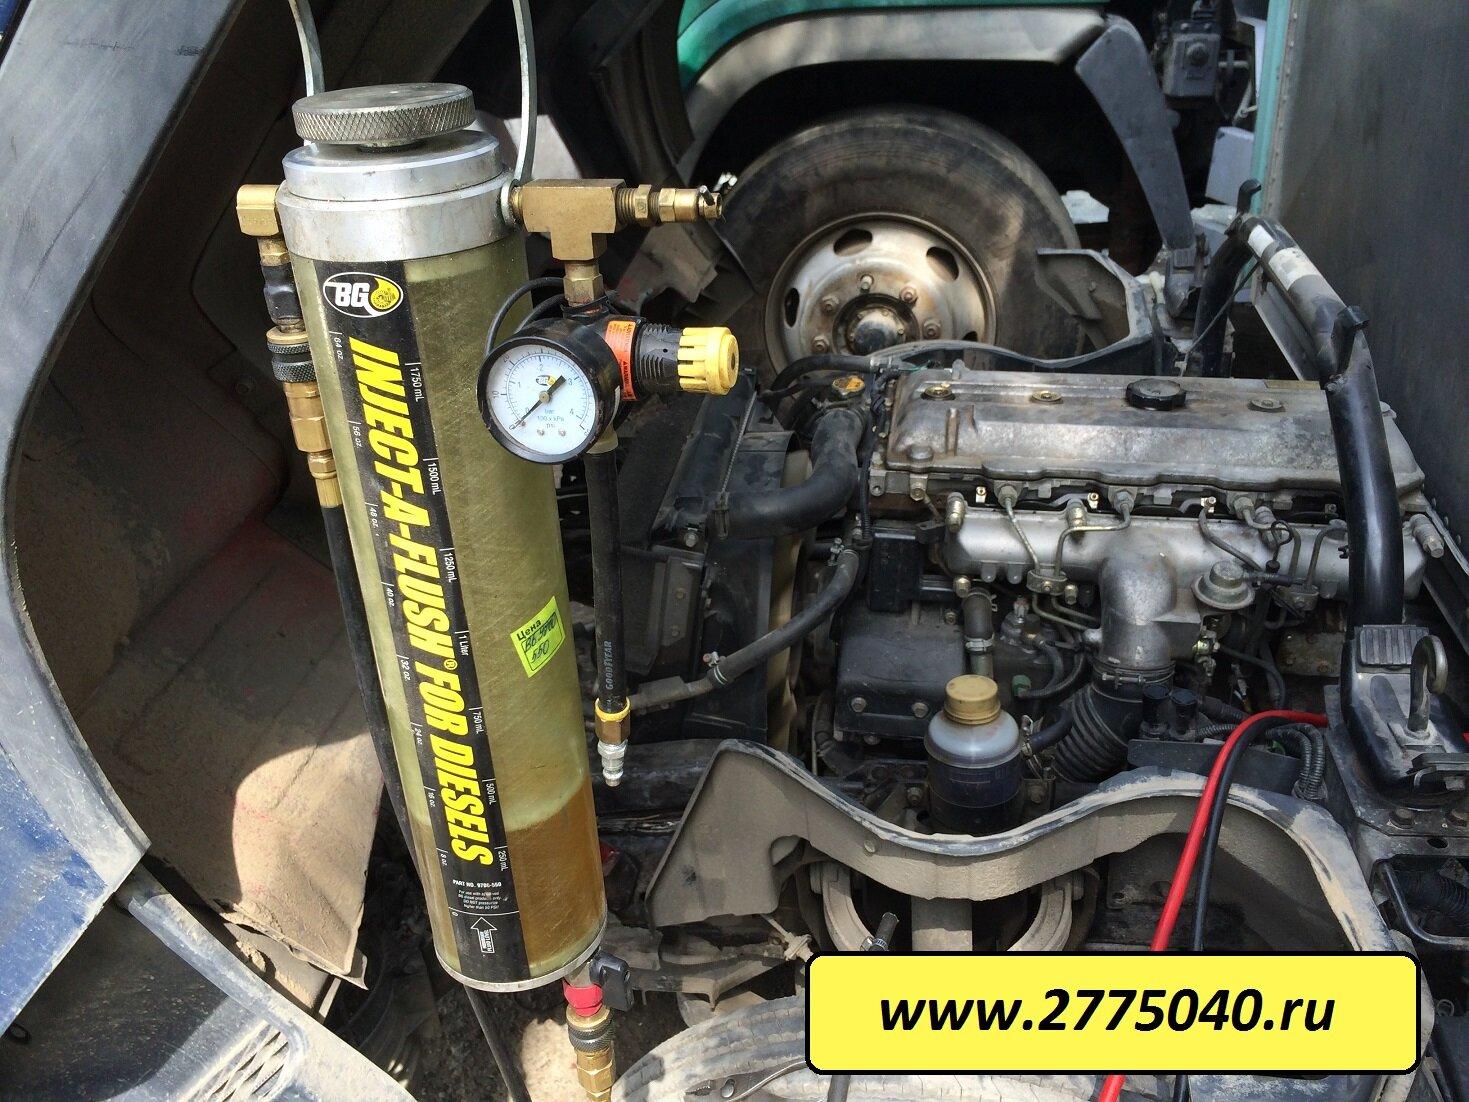 Расход топлива стал больше! Двигатель хуже тянет, дергается, чихает… Что делать?